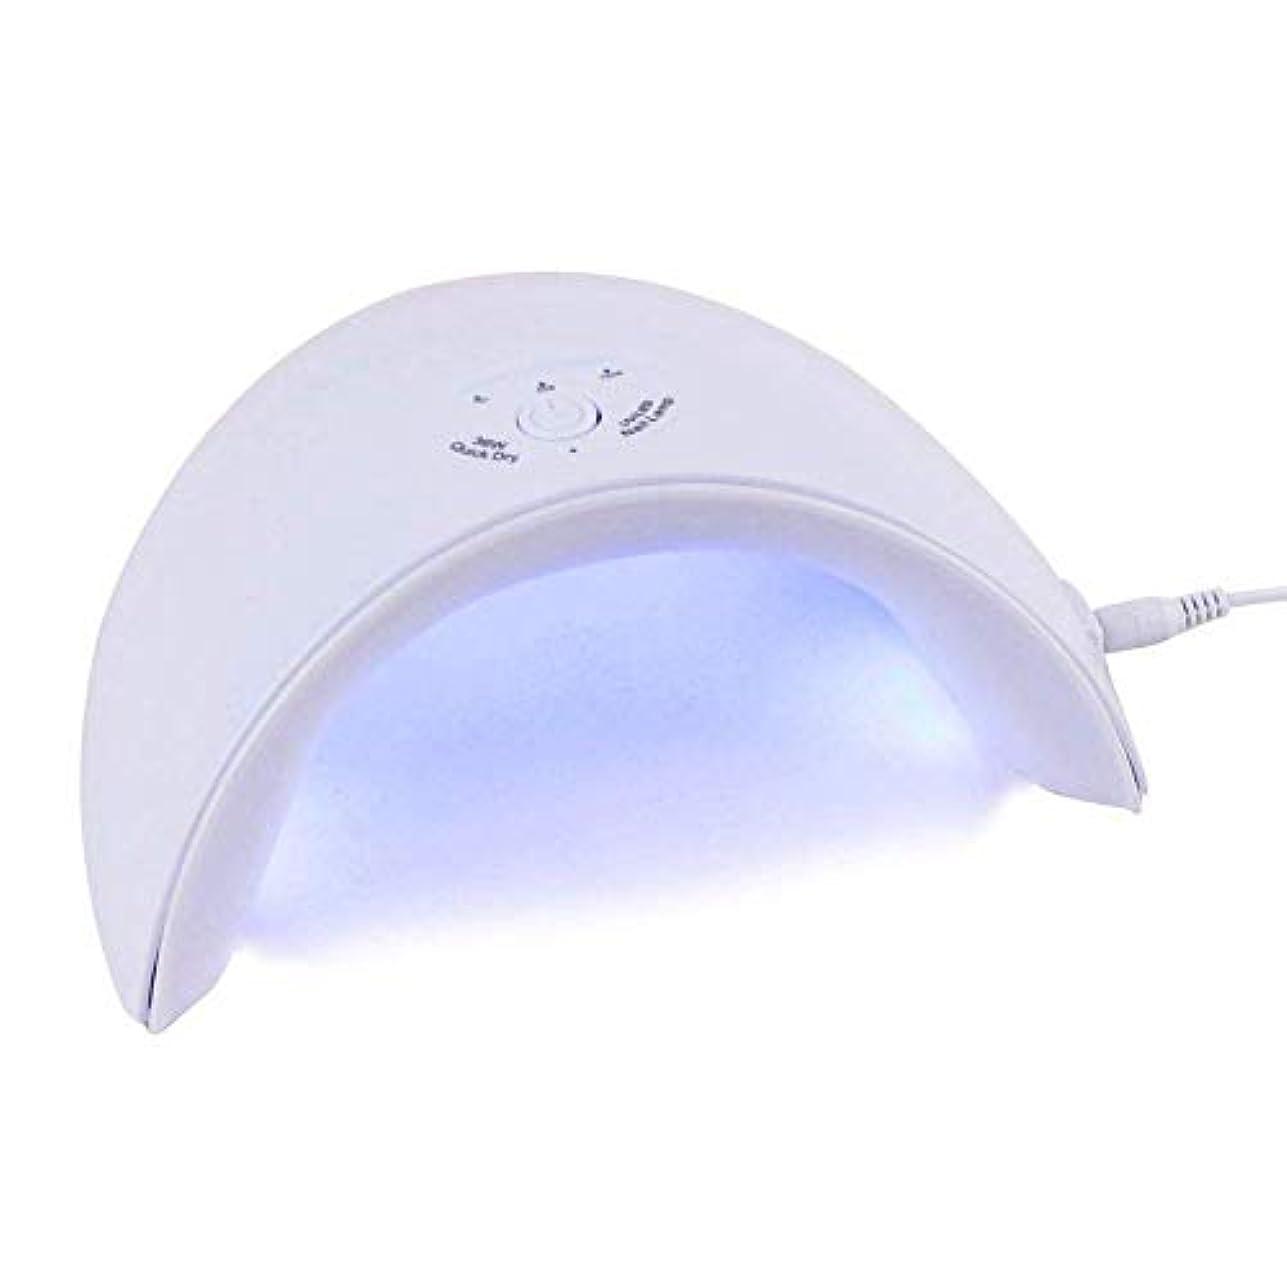 感謝祭ウッズ節約するネイルドライヤー新しい36W UV LEDランプすべてのタイプのネイルドライヤージェル12個のLEDネイルマシン用UVランプ硬化60秒/ 120秒タイマーUSBコネクタ、写真の色